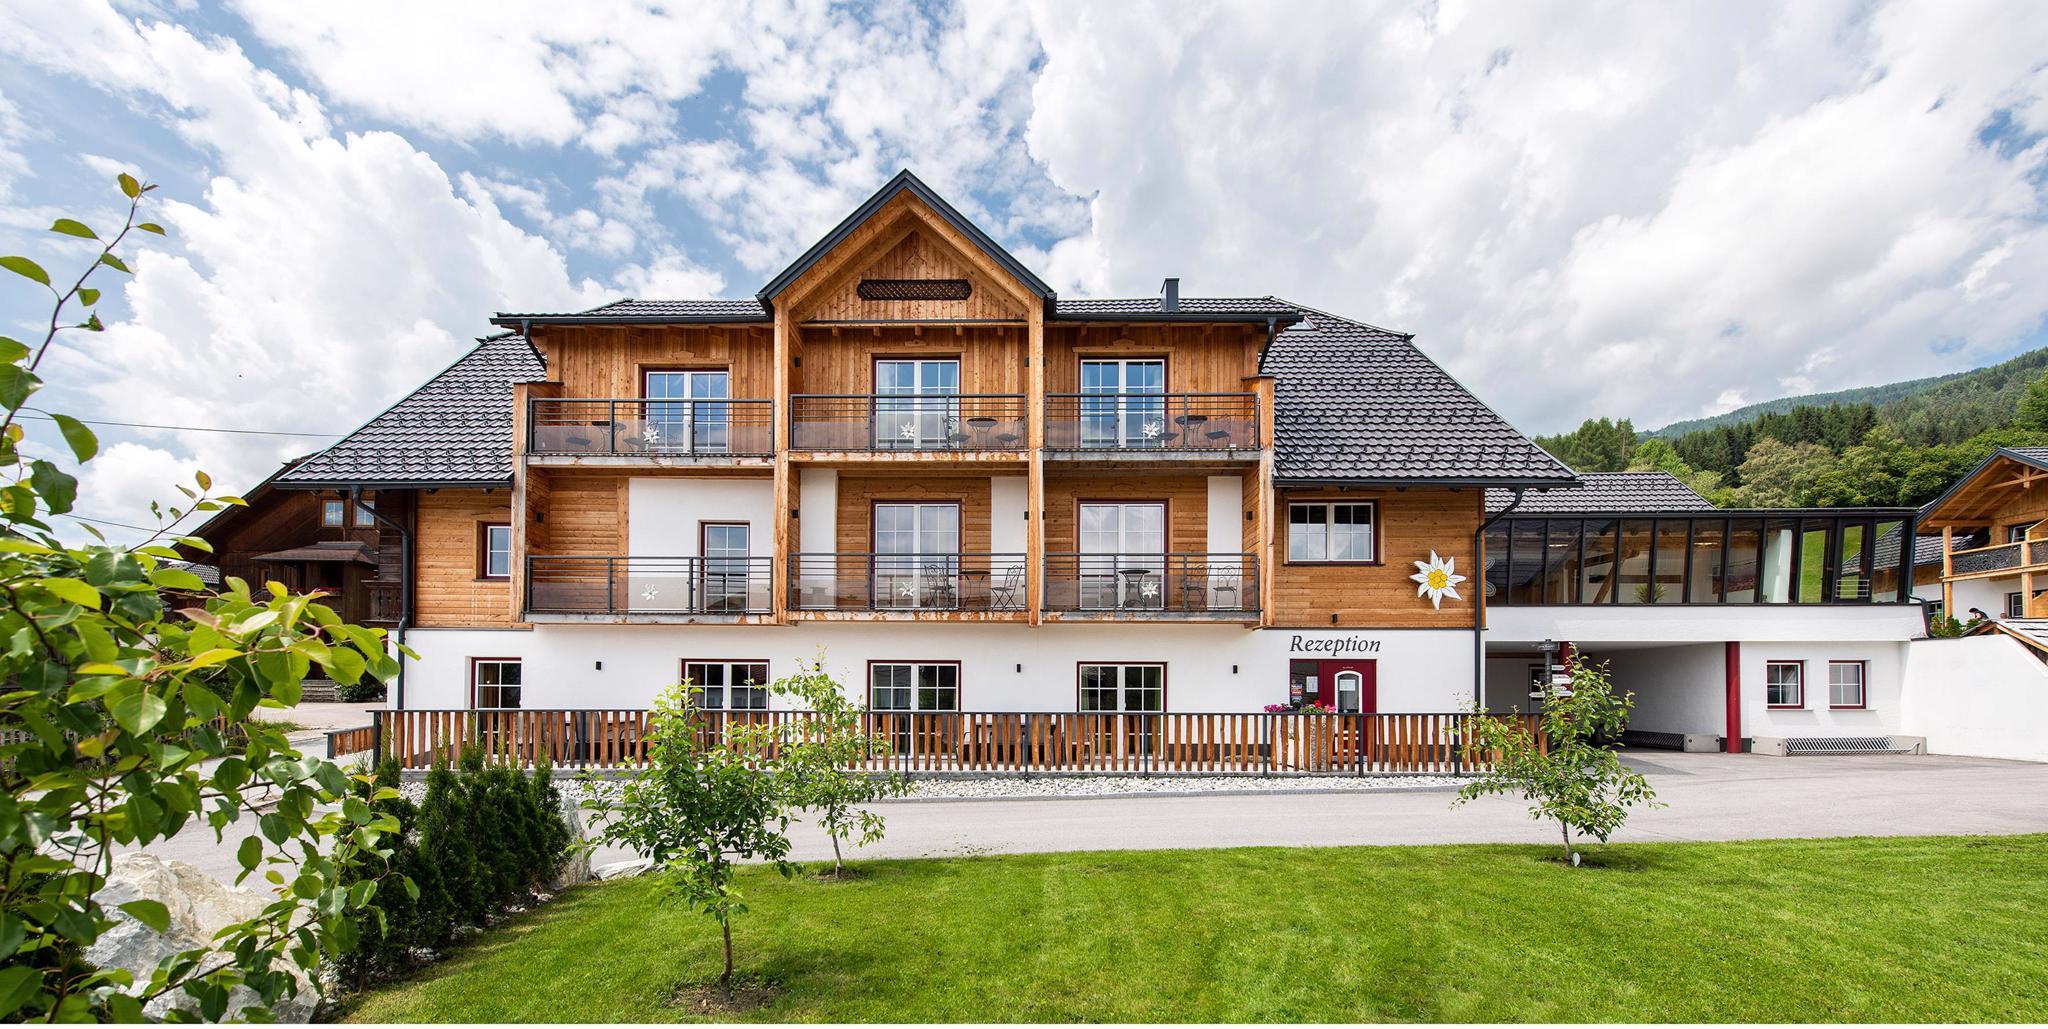 Ferienhaus im Feriendorf Edelweiss (2916176), Mariapfarr, Lungau, Salzburg, Österreich, Bild 51